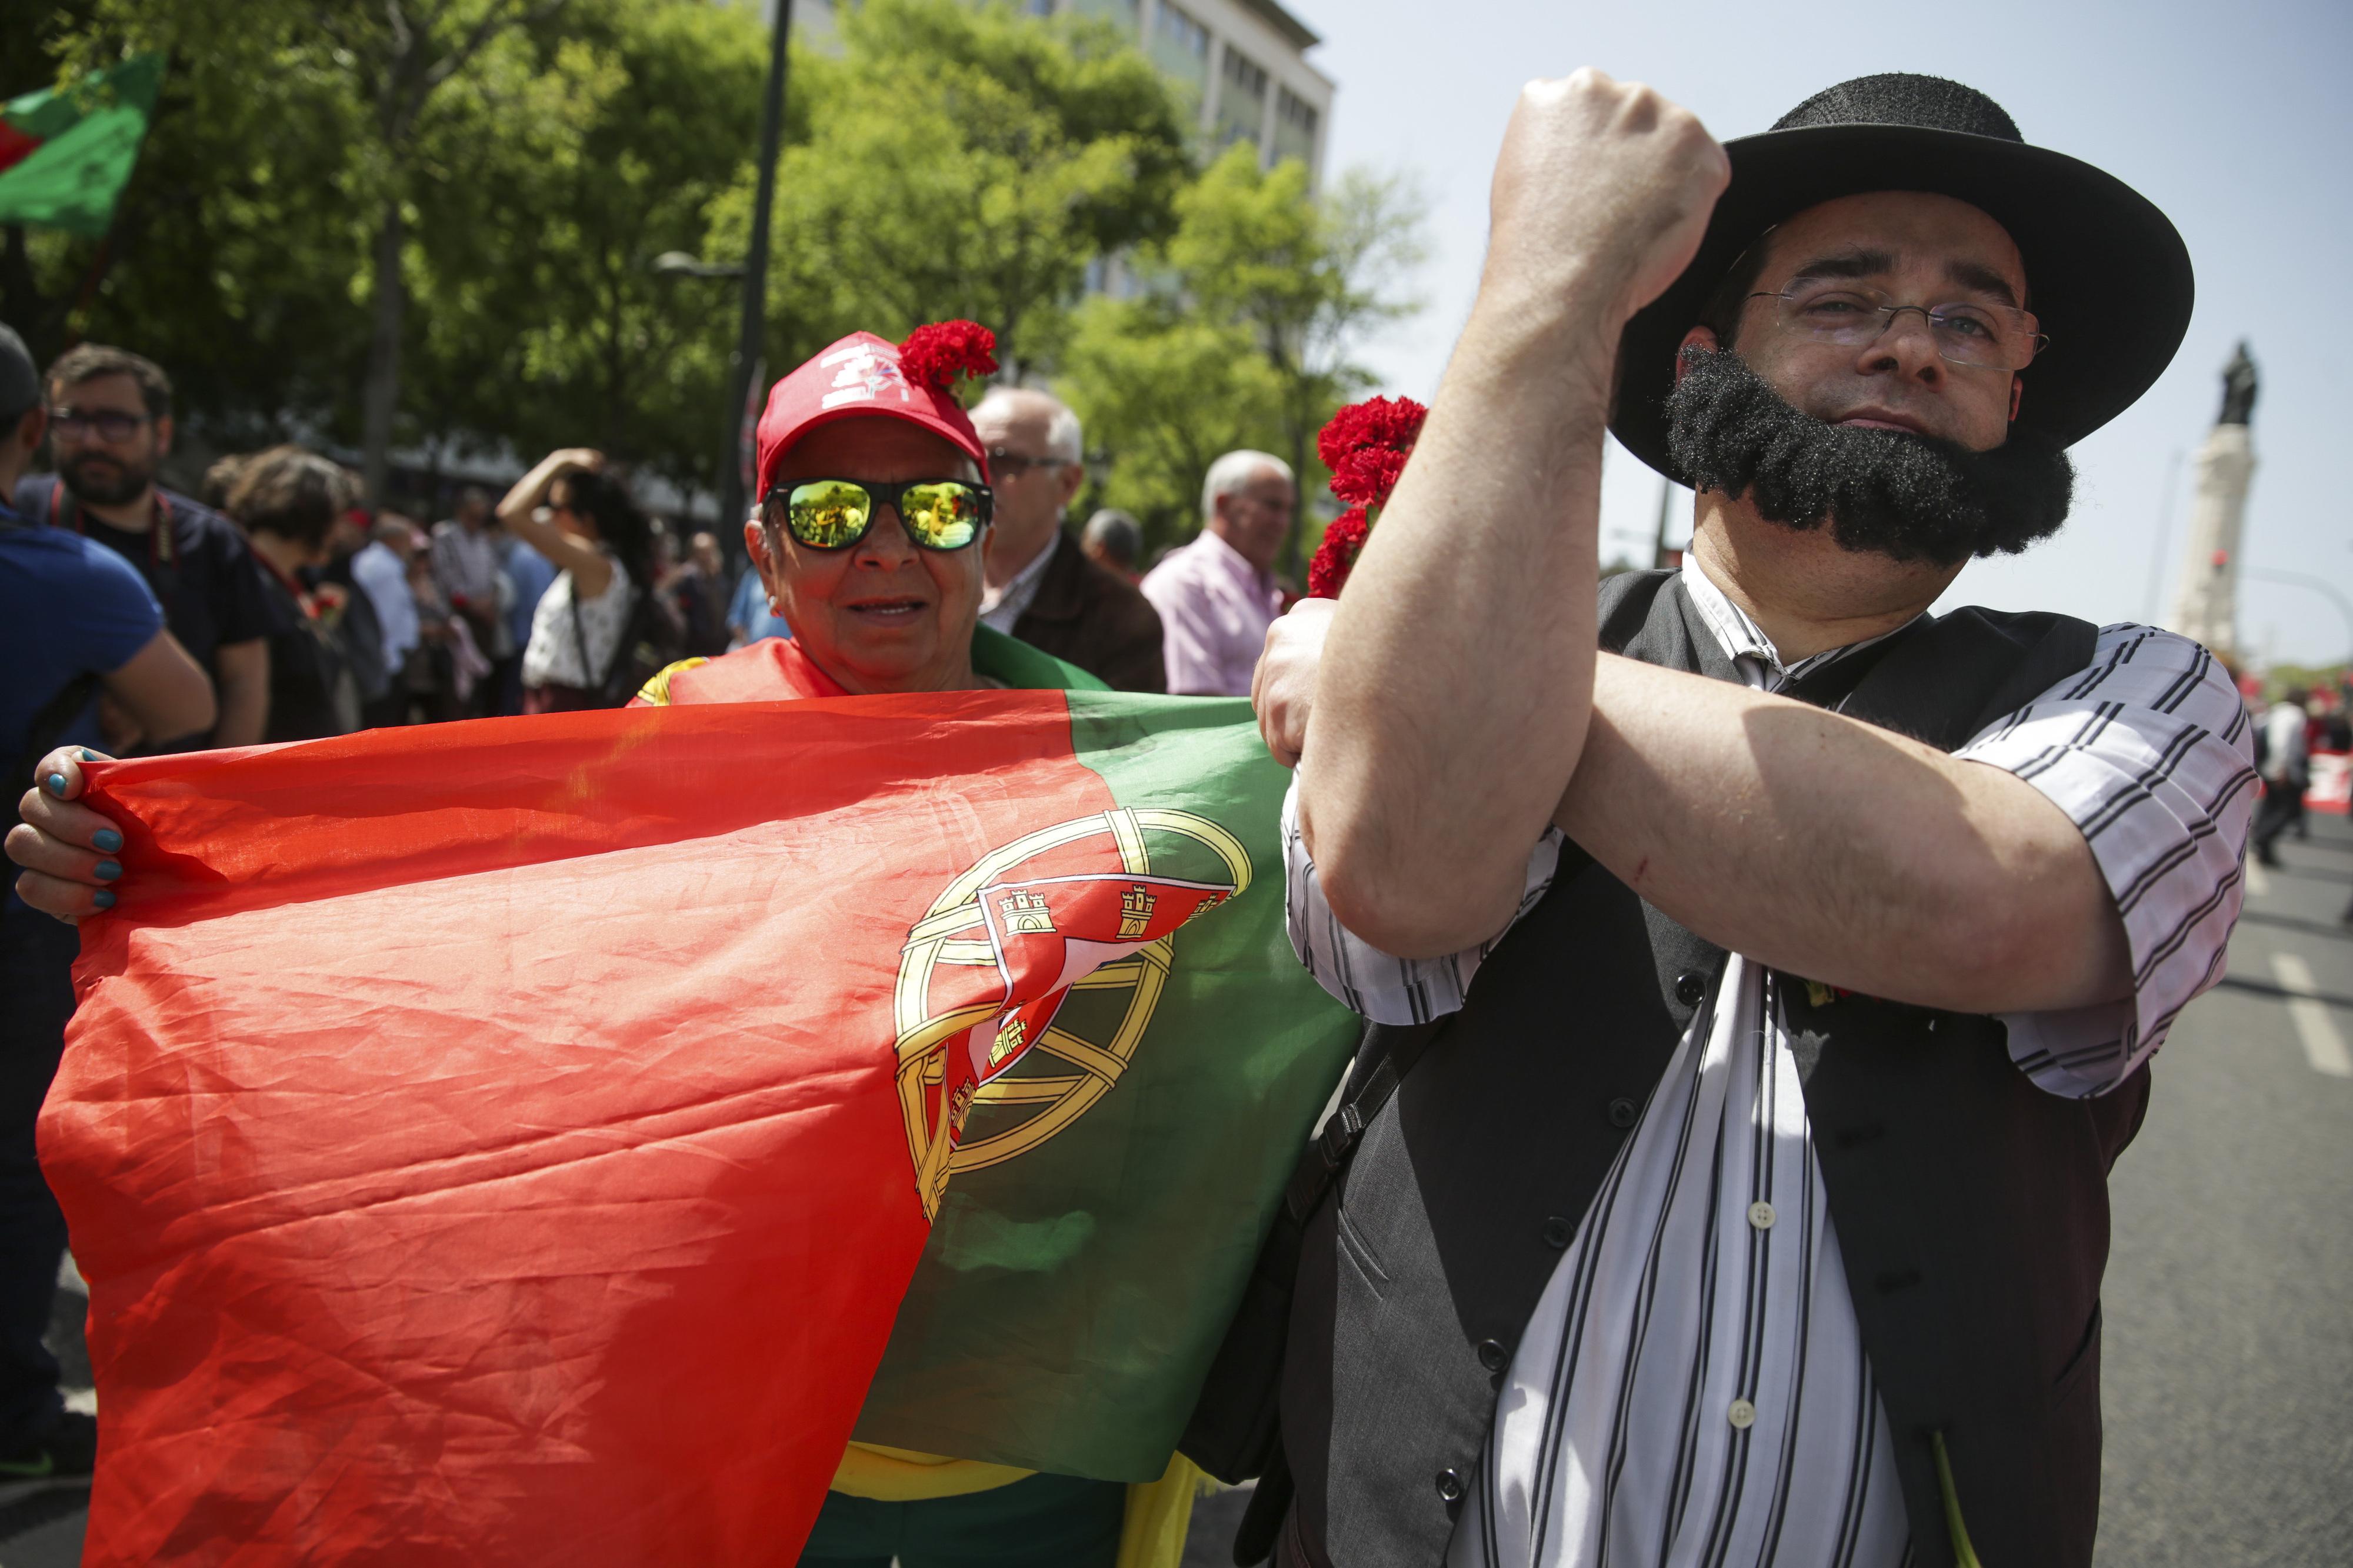 25 Abril: Populares aproveitam tradicional desfile para exigirem mais direitos